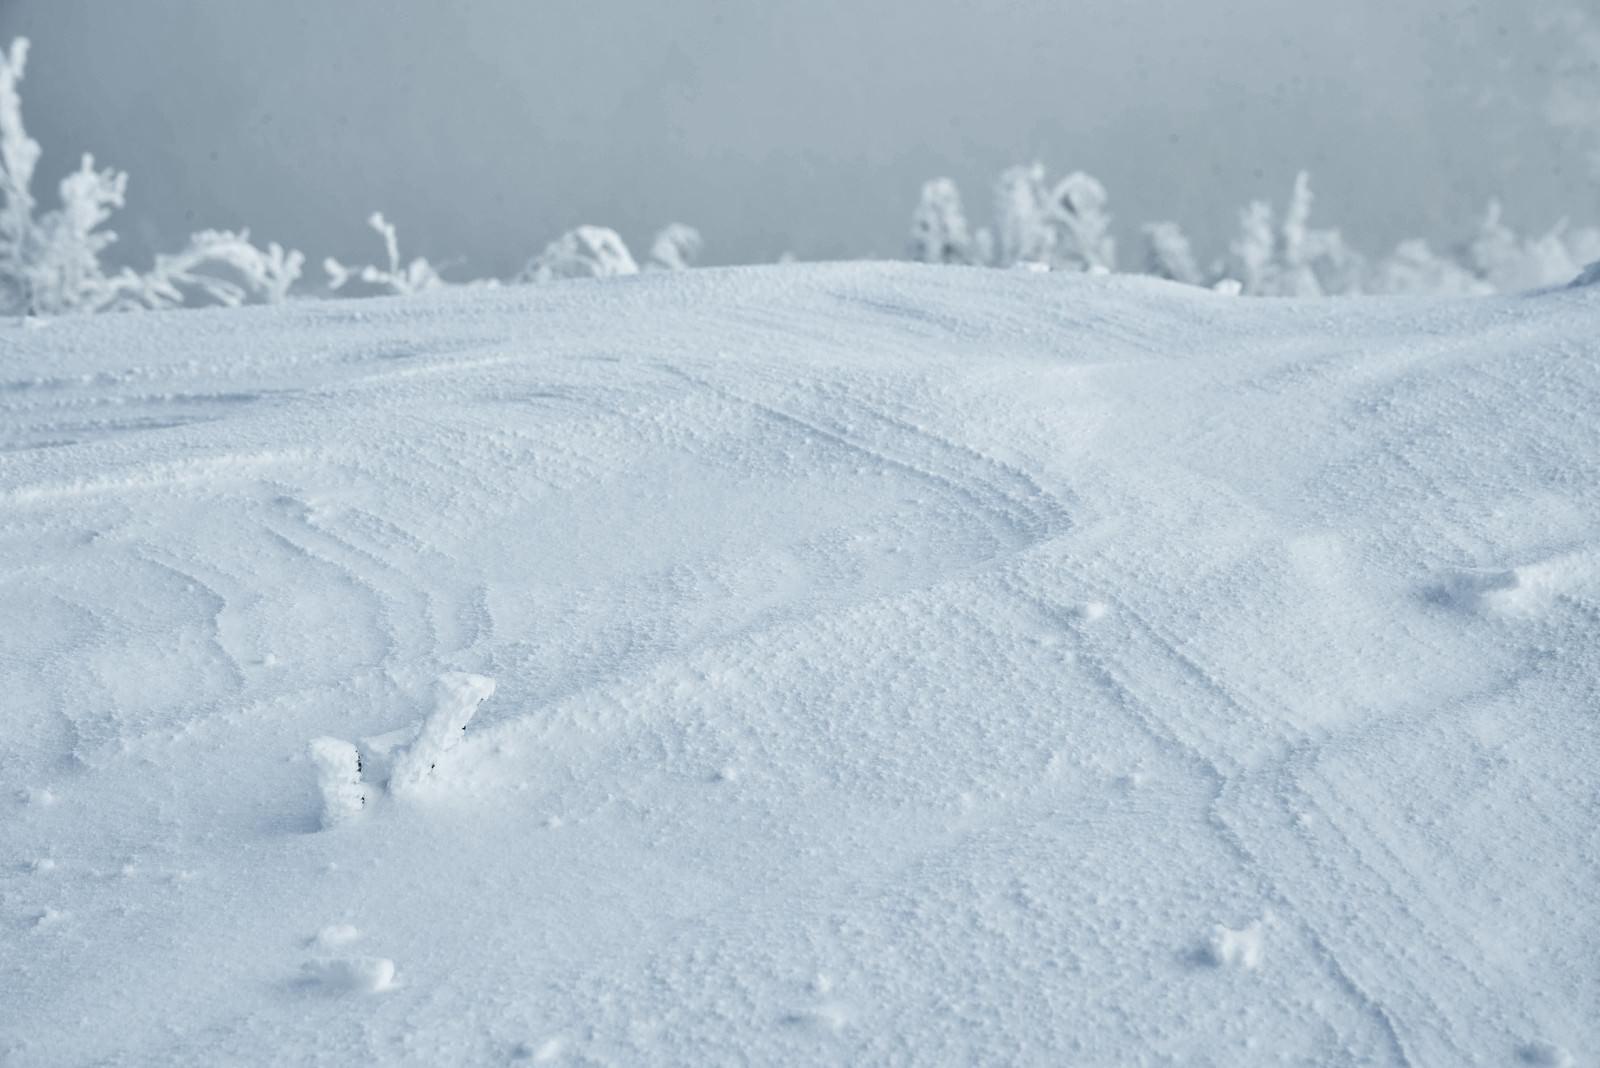 「雪上に出来る波形の紋様(シュカブラ)」の写真